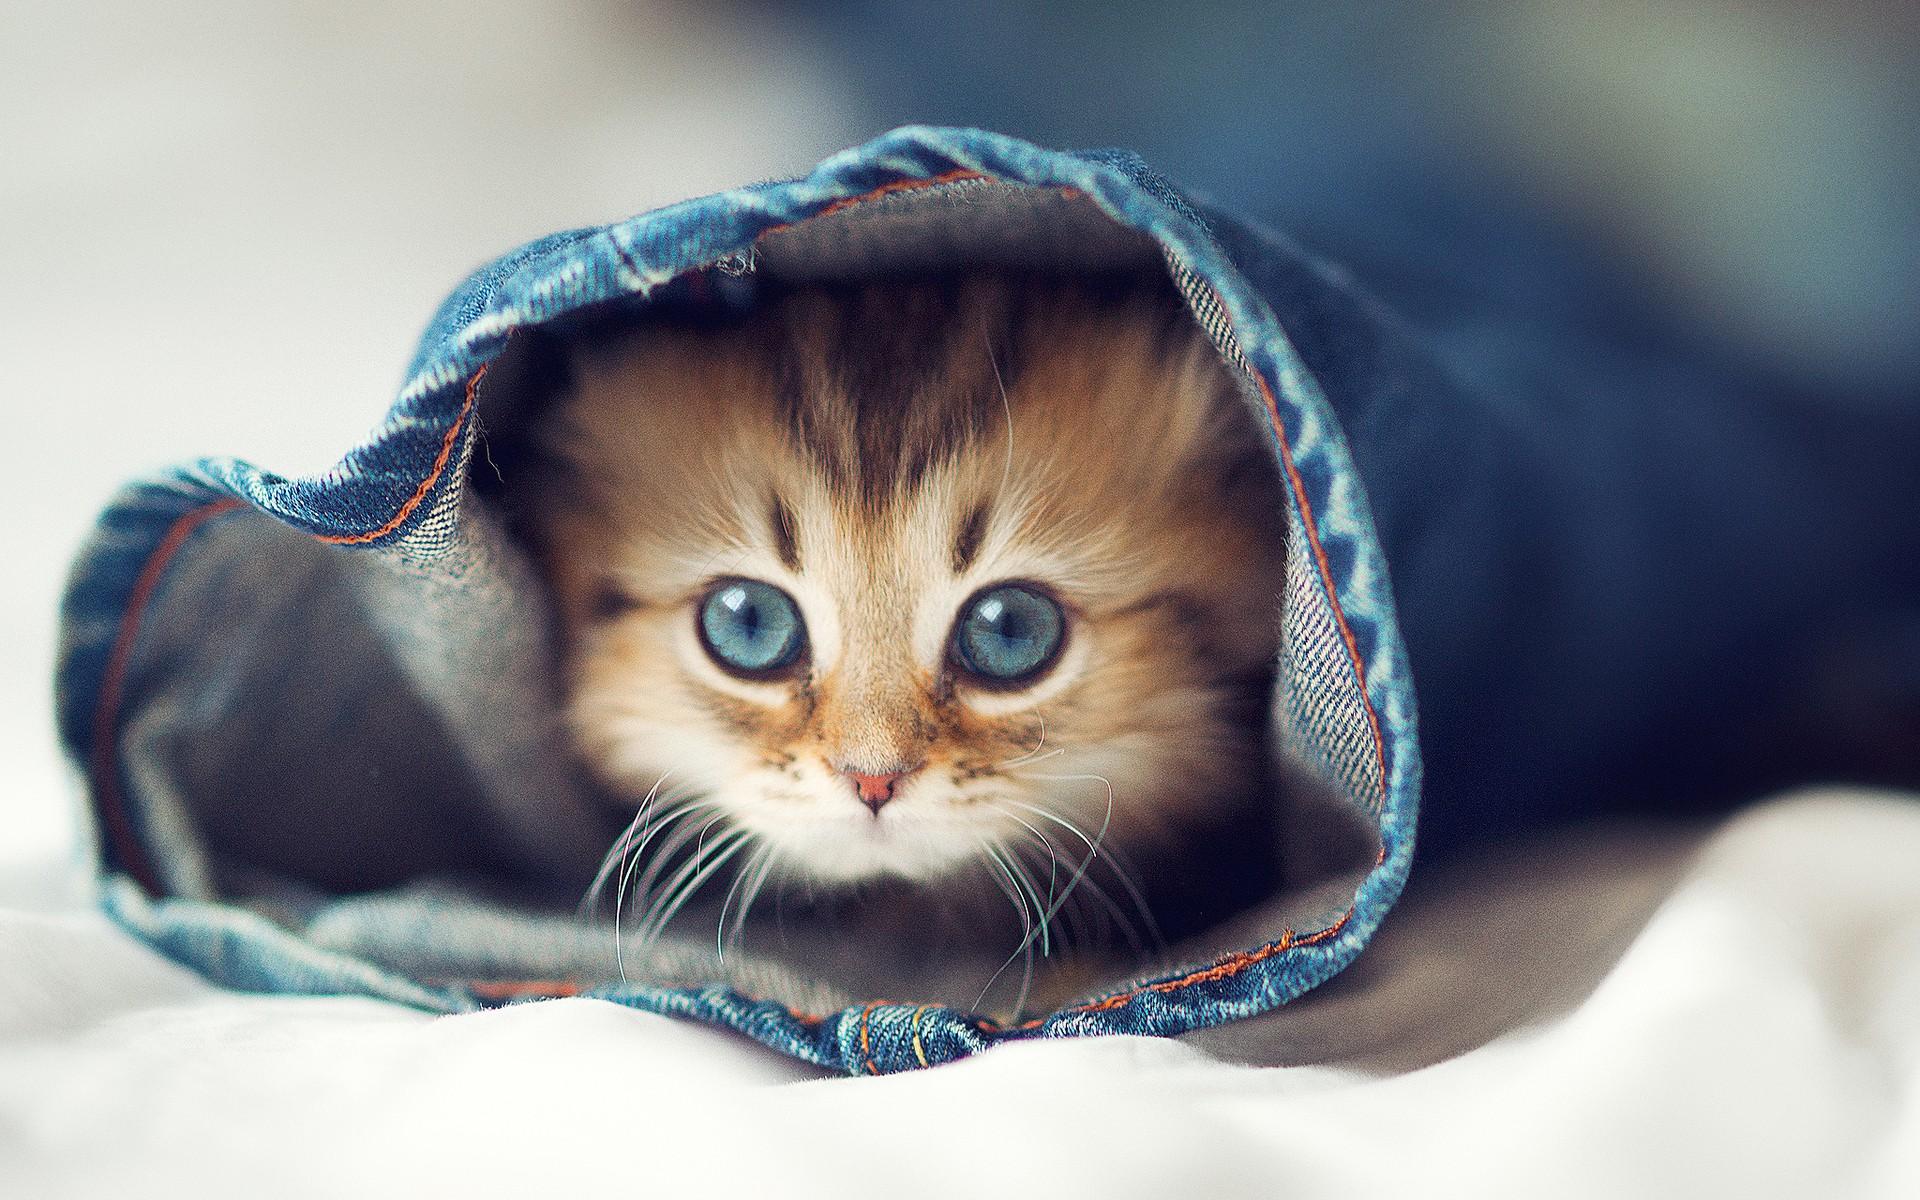 wallpaper cat cute